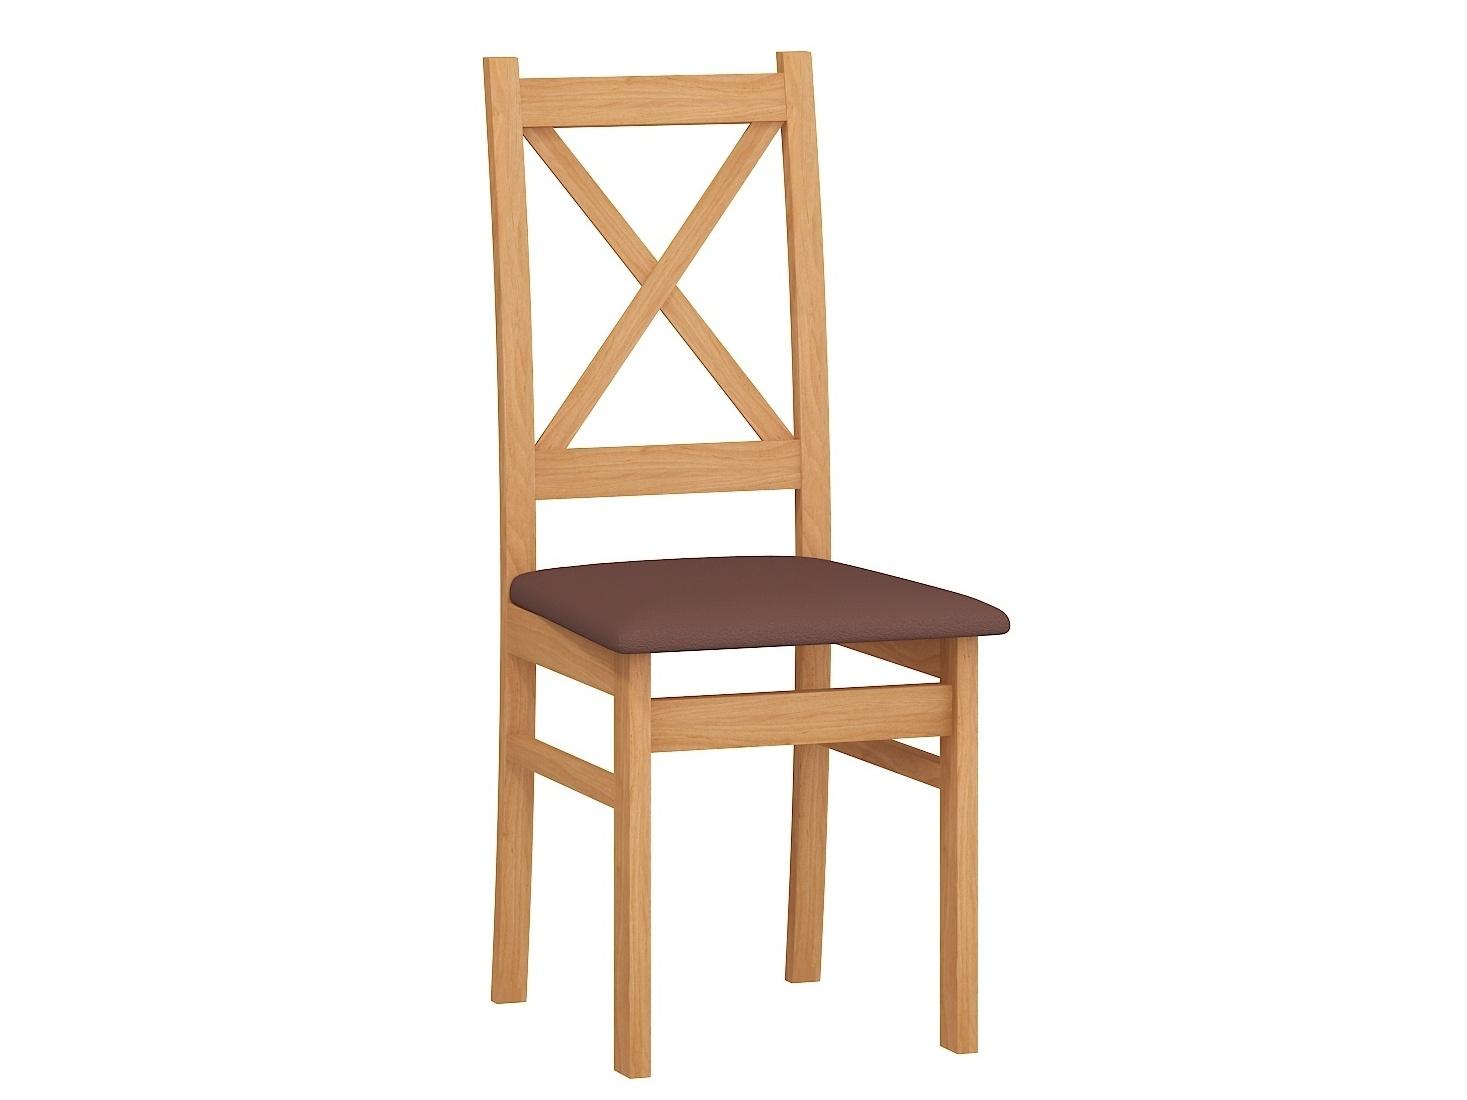 Jídelní židle D, potah hnědá ekokůže, barva: …